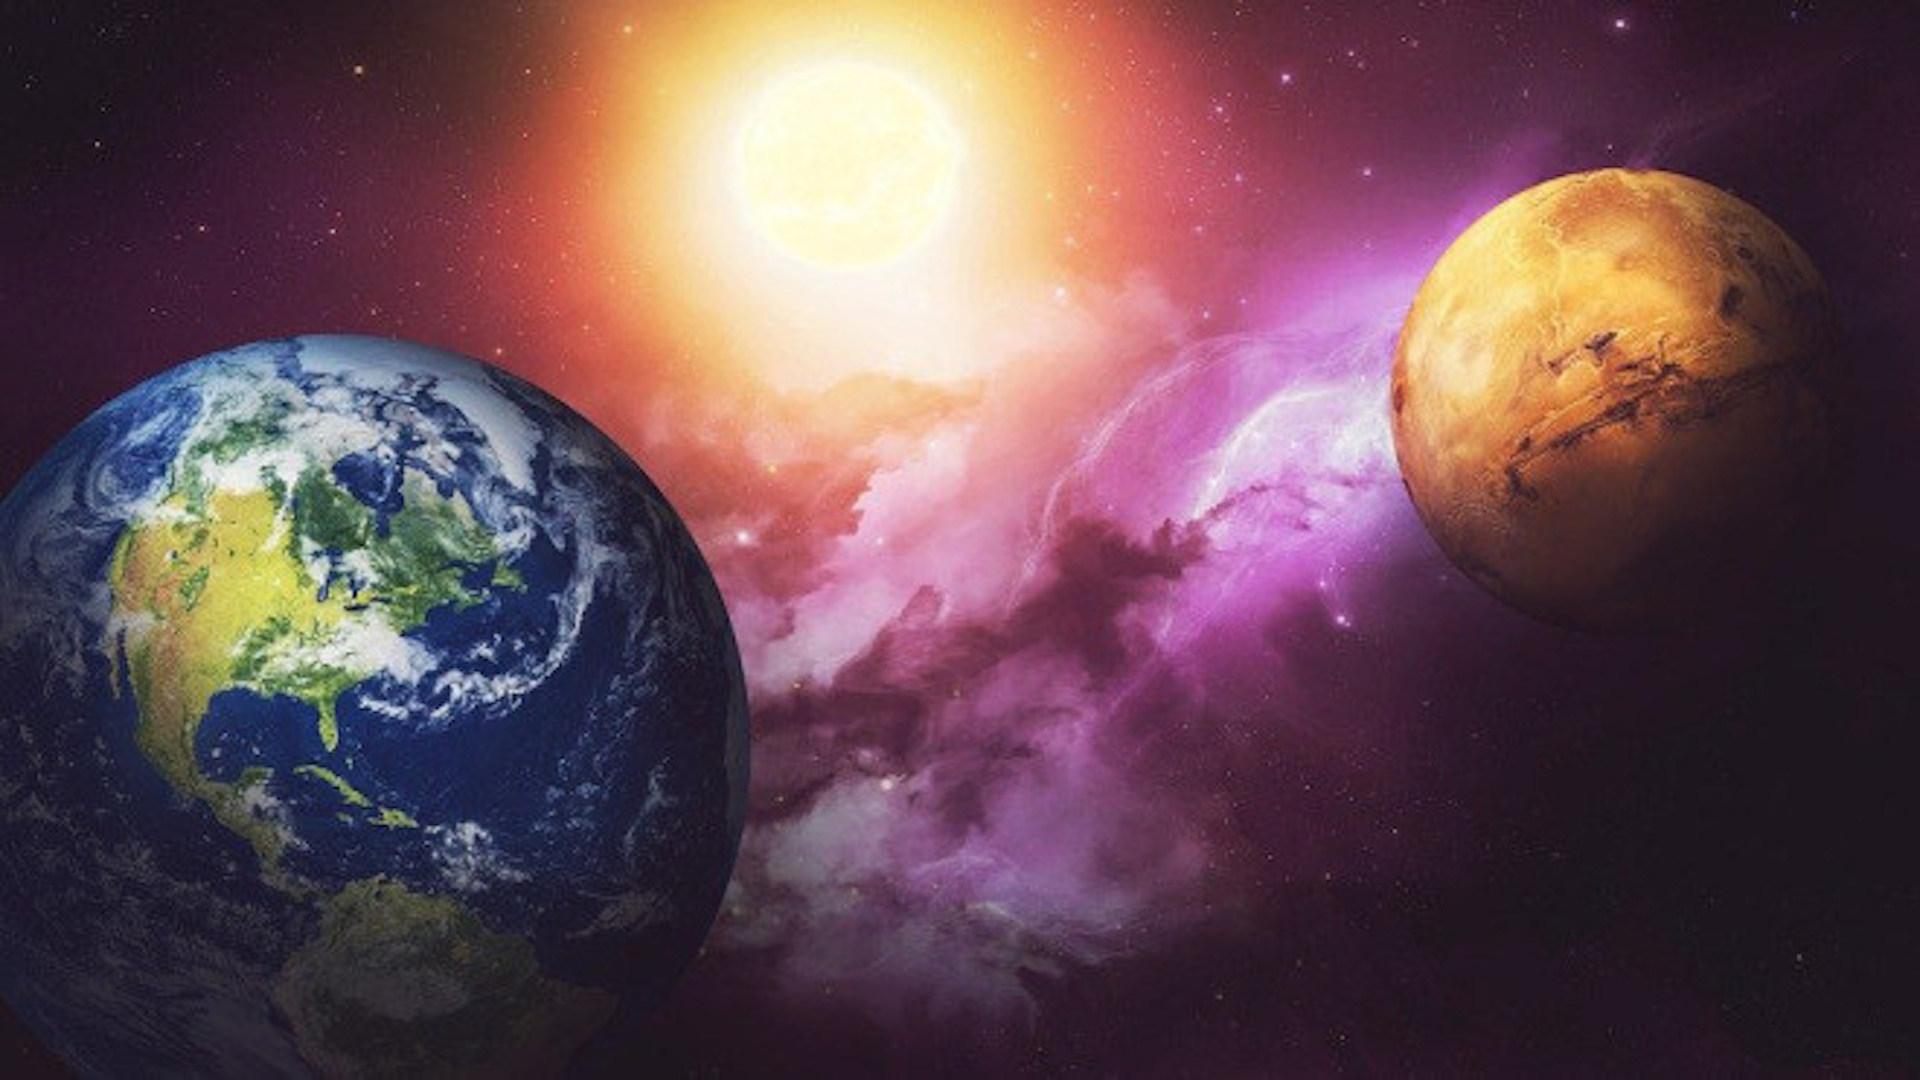 Mars, Erde, Planeten, Sonnensystem